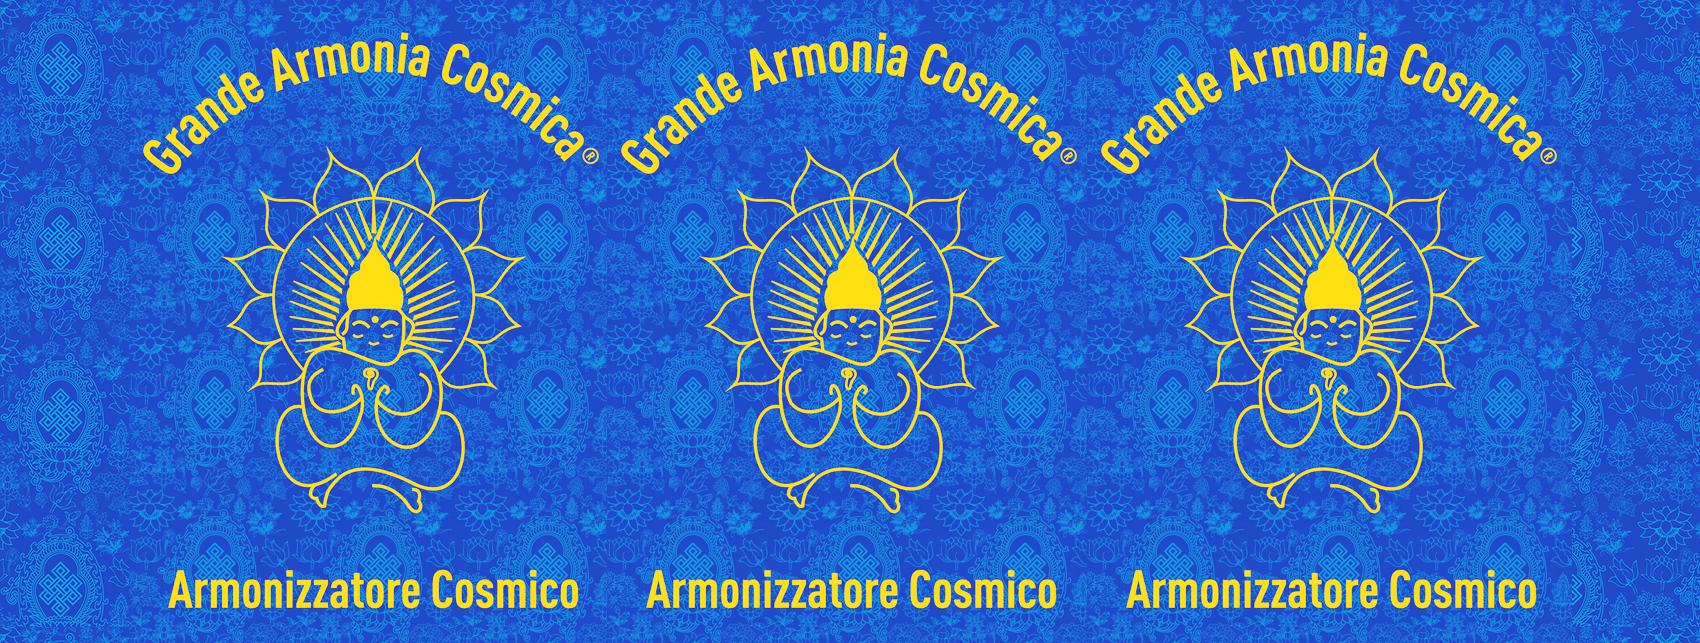 GAC Blue banner